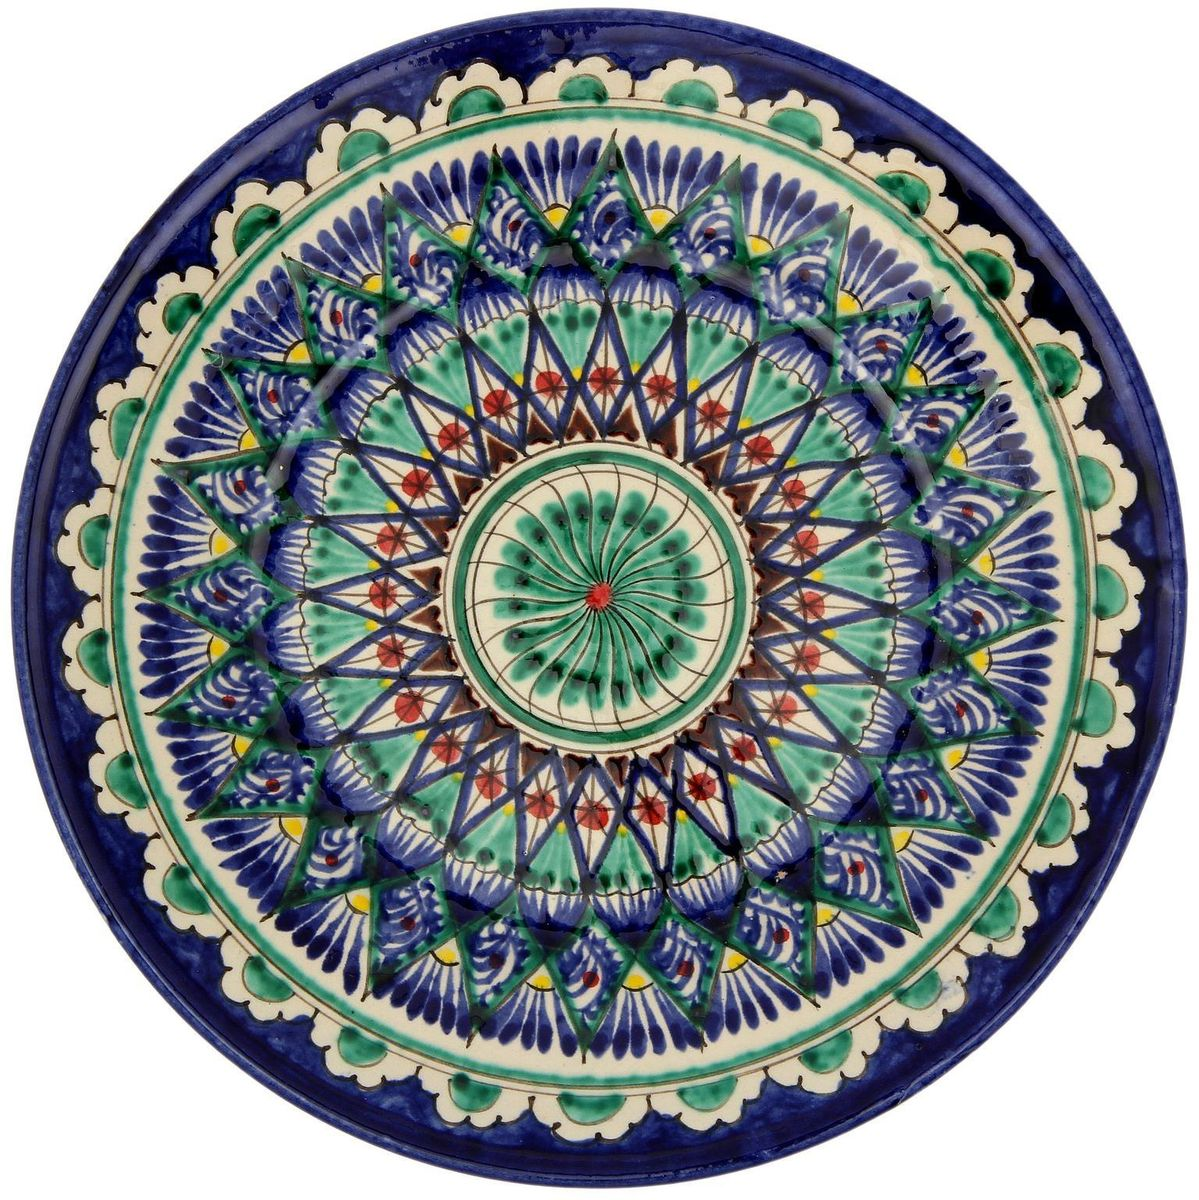 Тарелка Риштанская керамика, диаметр 23 см. 21387052138705Узбекская посуда известна всему миру уже более тысячи лет. Ей любовались царские особы, на ней подавали еду шейхам и знатным персонам. Тарелка с национальной росписью станет отменным подарком для ценителей высокородной посуды. Формула глазури передаётся из поколения в поколение. По сей день качественные изделия продолжают восхищать своей идеальной формой. Данный предмет подойдёт для повседневной и праздничной сервировки. Дополните стол текстилем и салфетками в тон, чтобы получить элегантное убранство с яркими акцентами.Возможны отличия некоторых элементов рисунка от того, что представлено на фото. Товар расписывается вручную.